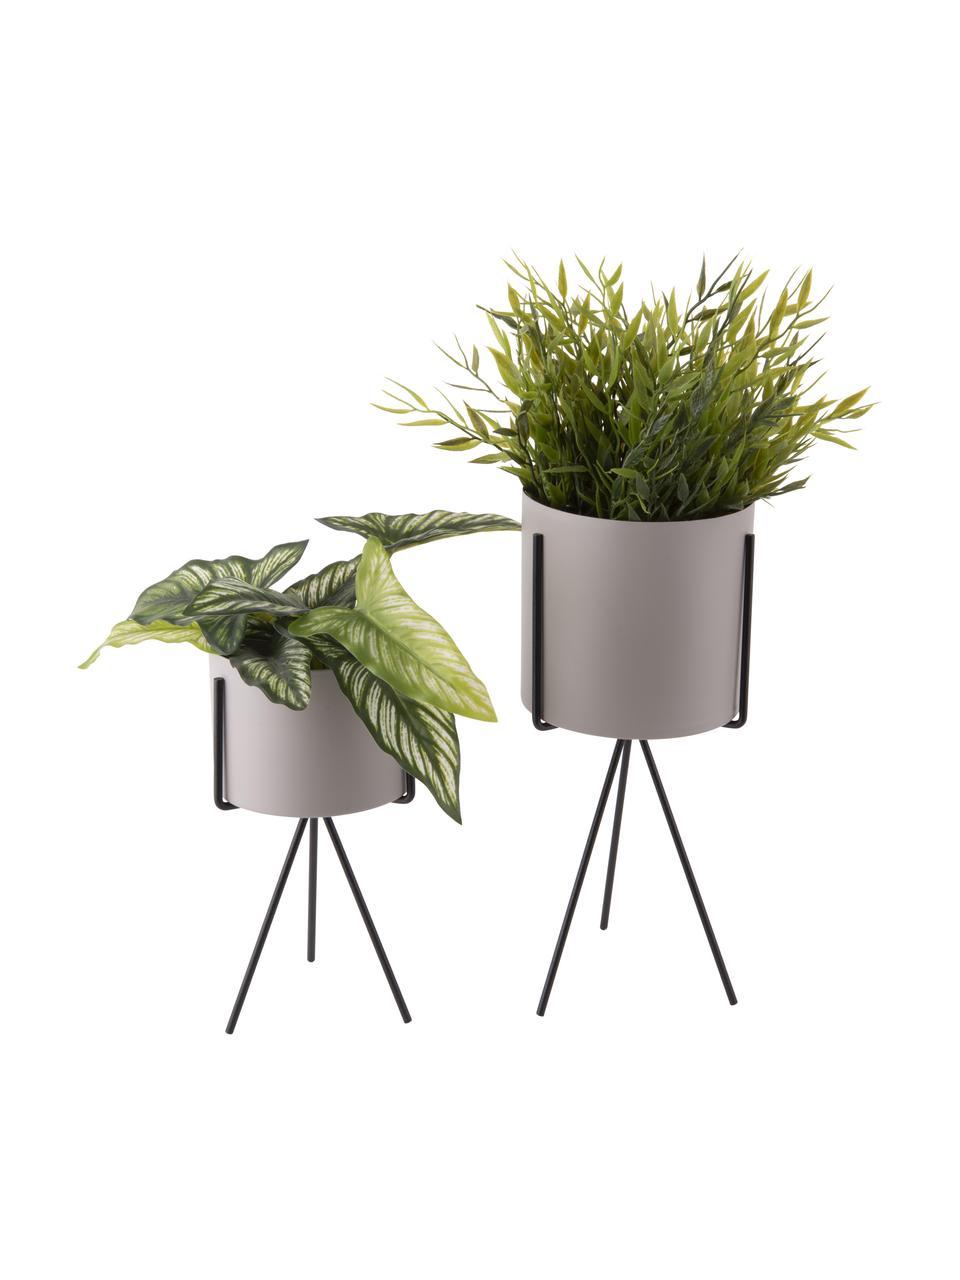 Kleine plantenpottenset Pedestal van metaal, 2-delig, Gecoat metaal, Wit, zwart, Set met verschillende formaten